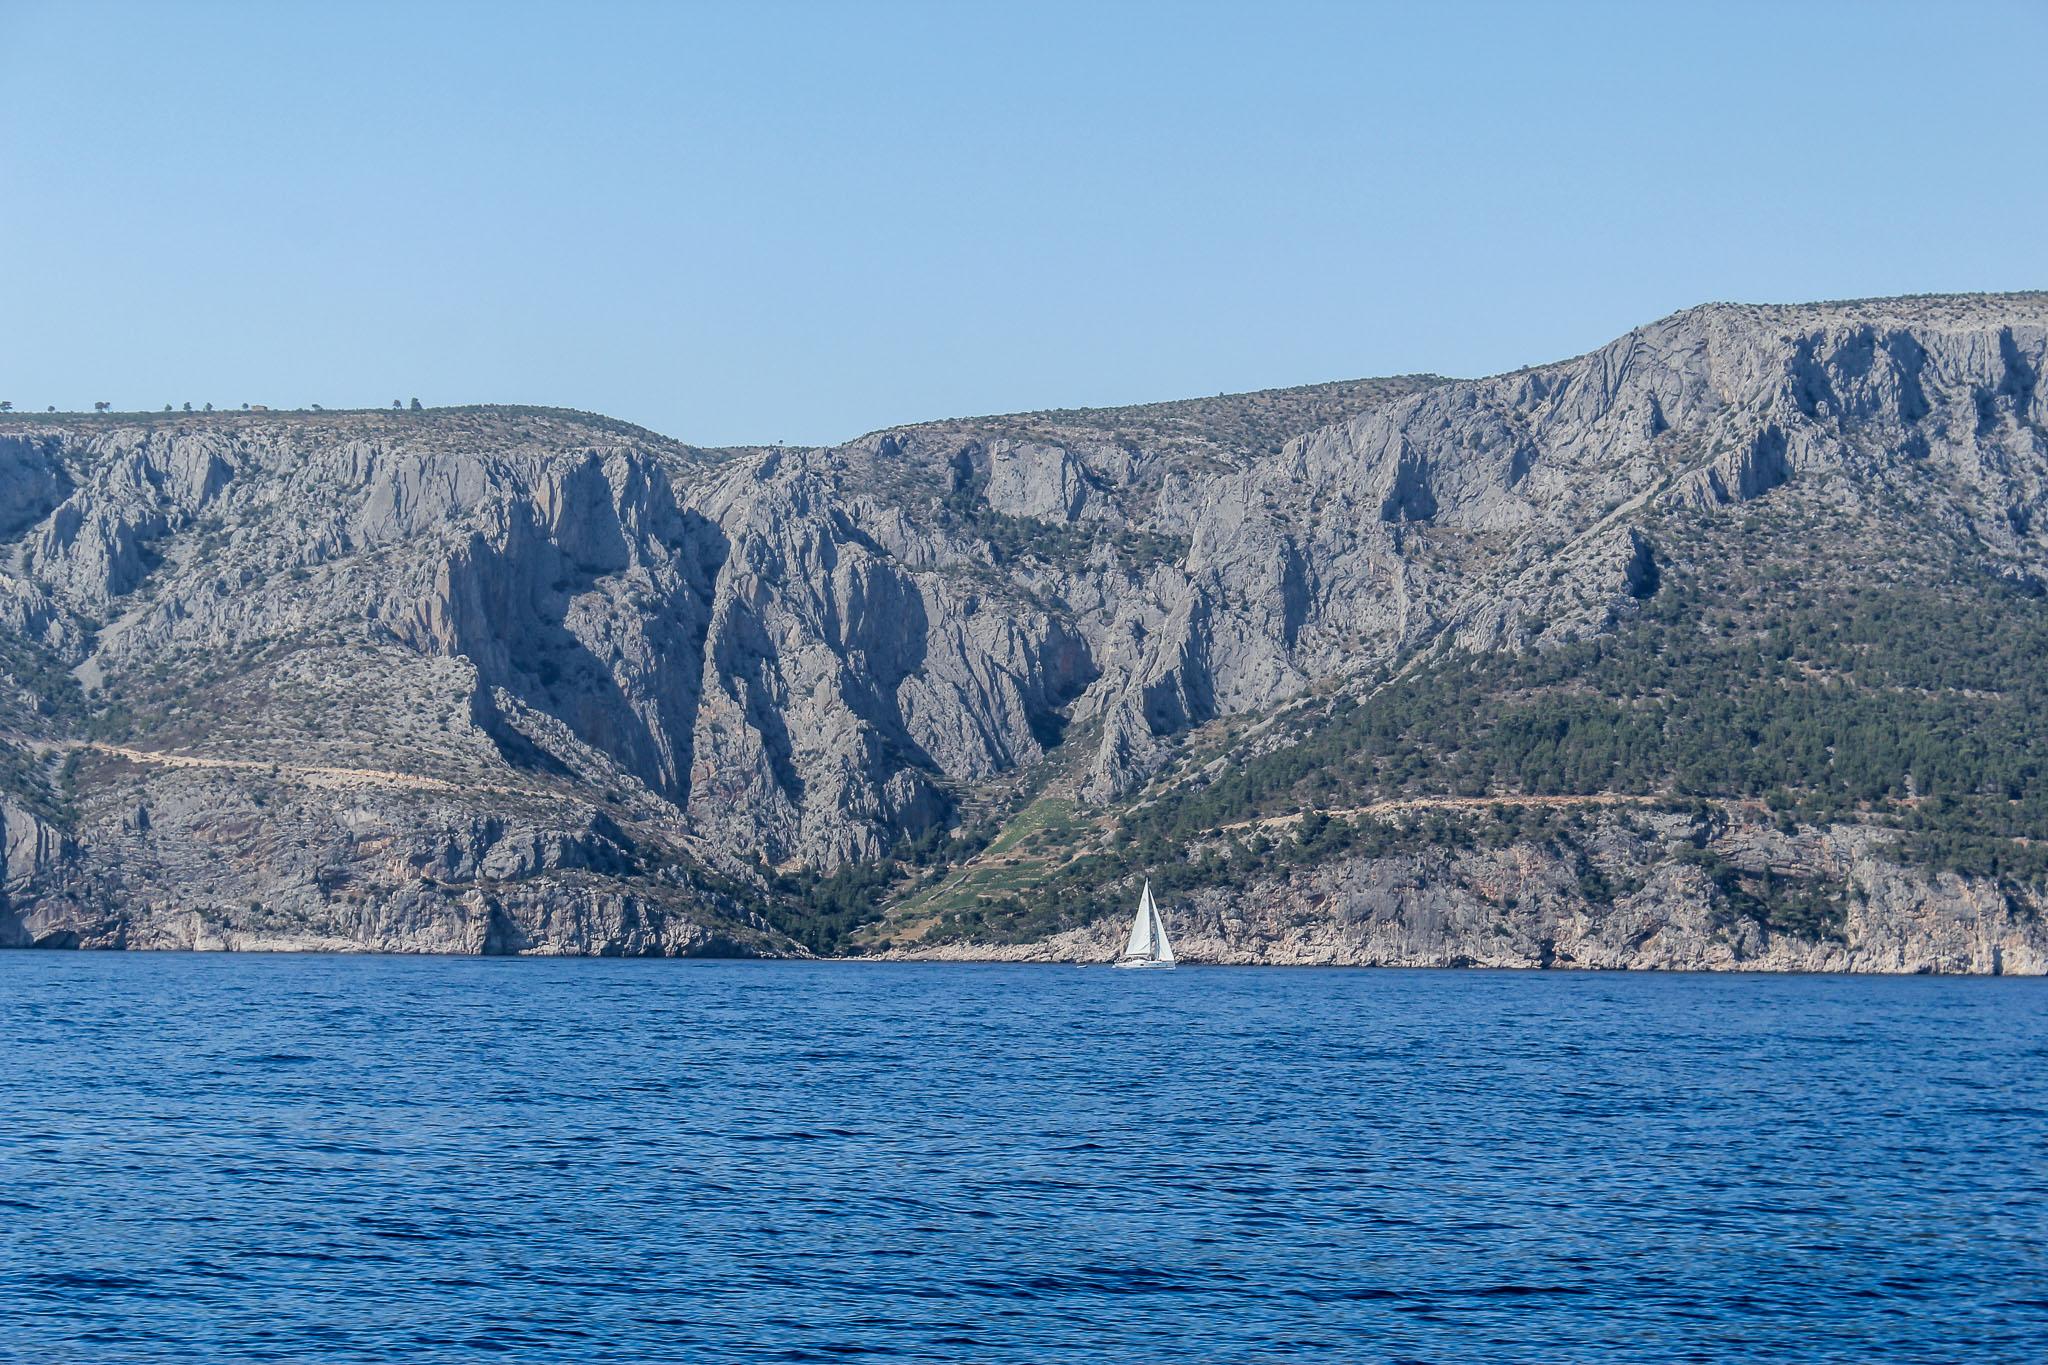 Sailing_021.jpg